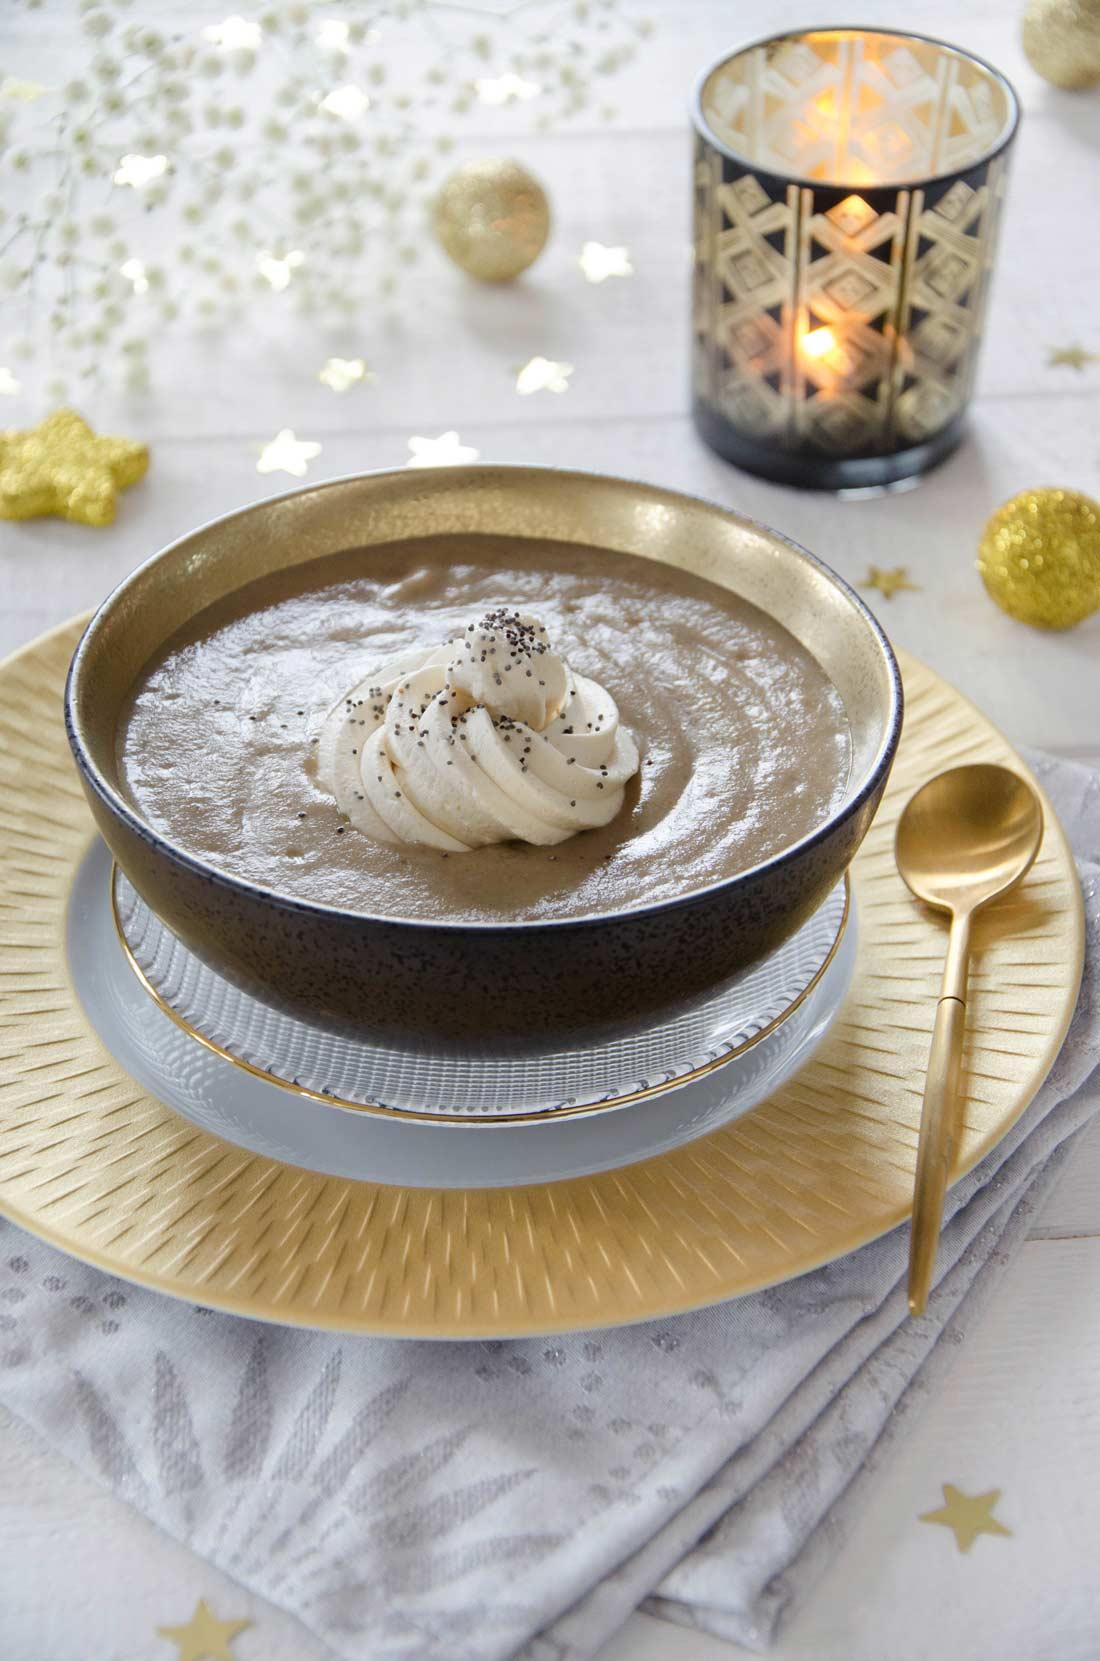 velouté de champignons chantilly foie gras : une recette festive et pleine de saveurs